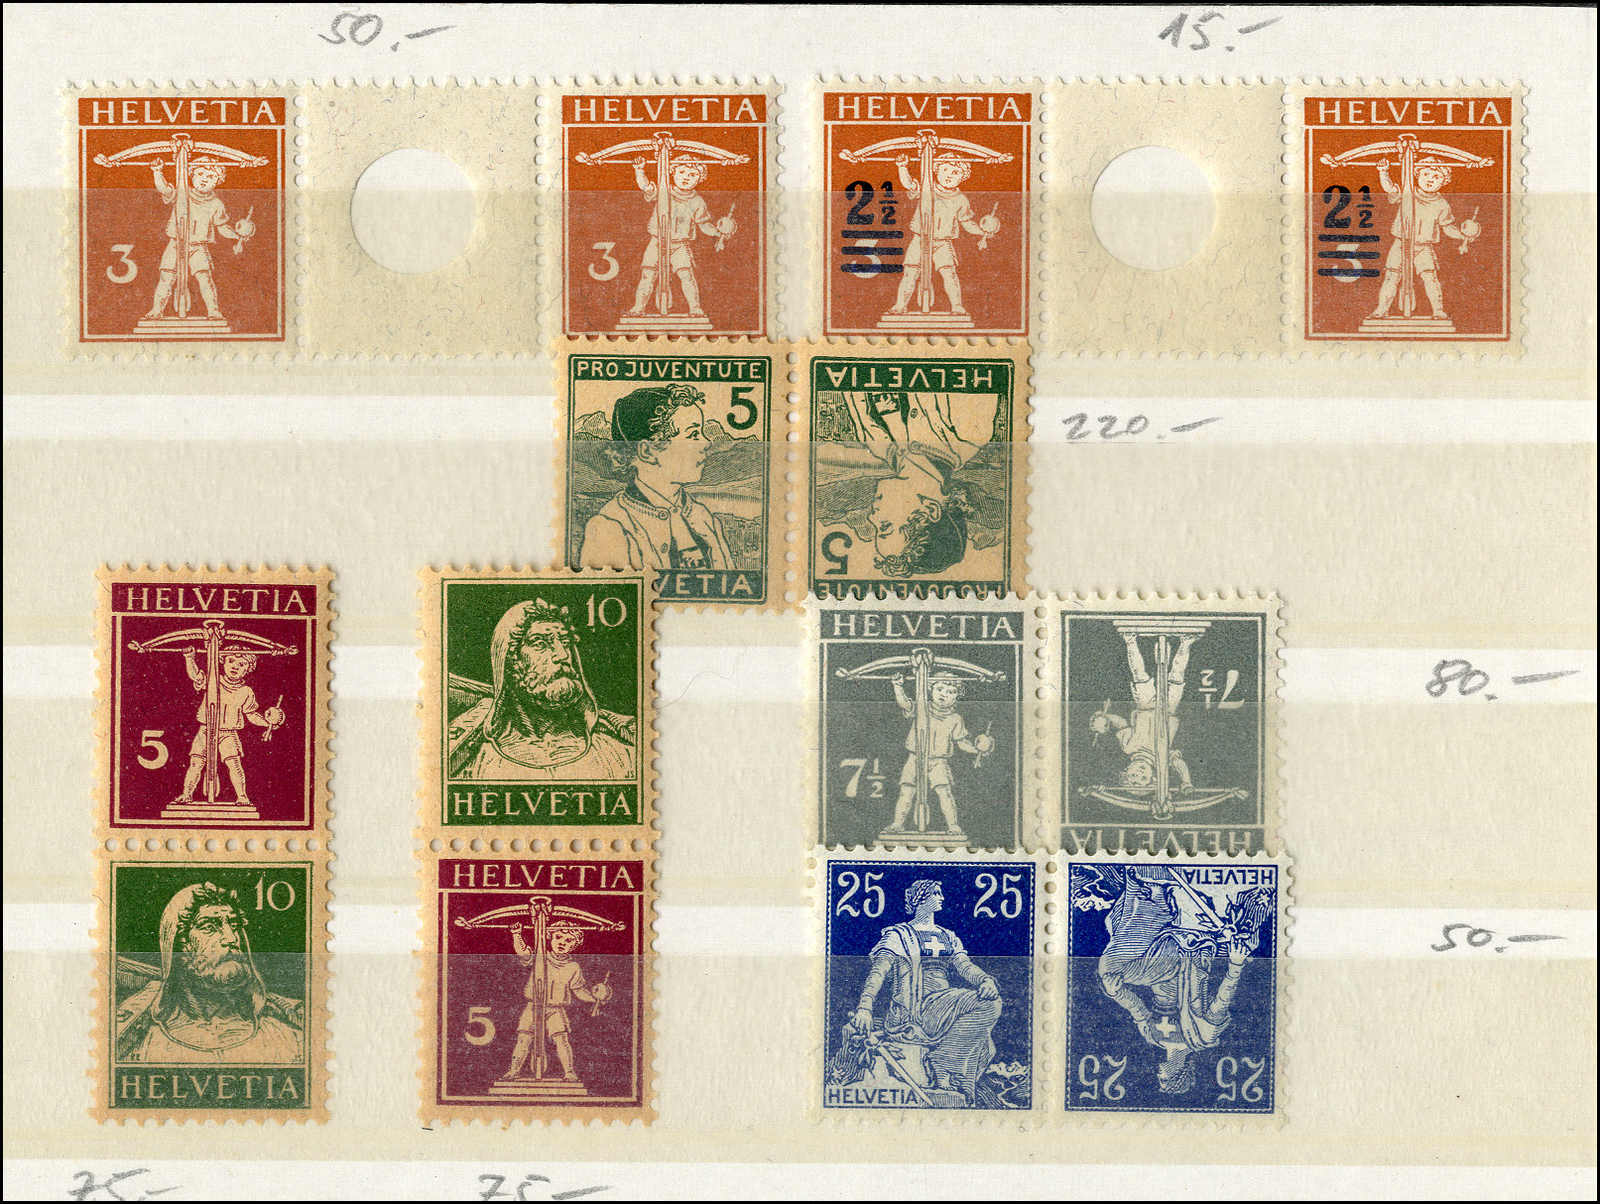 Lot 152 - schweiz Schweiz Freimarken nach 1907 -  Rolli Auctions Auction #68 Day 1